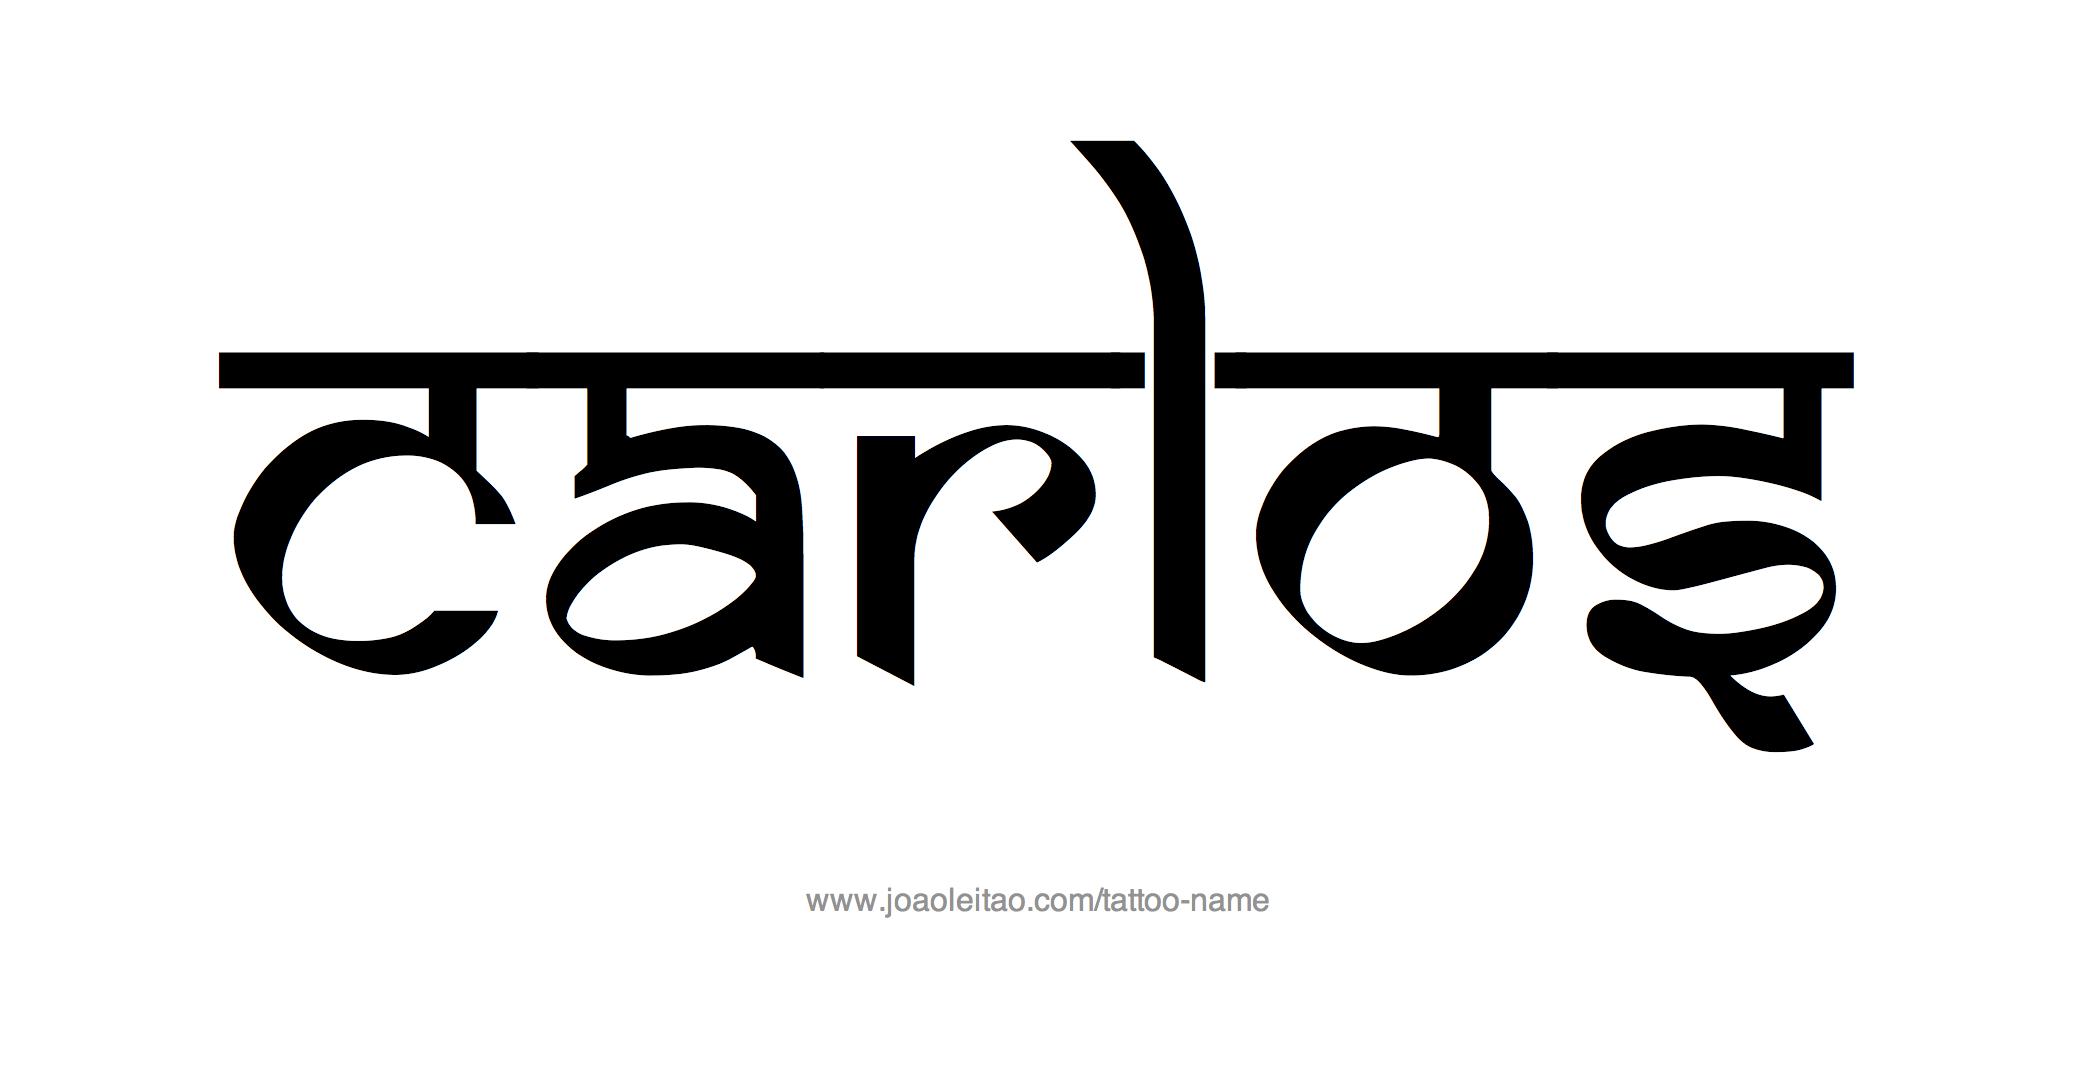 Carlos Name Tattoo Designs Name Tattoos Name Tattoo Designs Name Tattoo